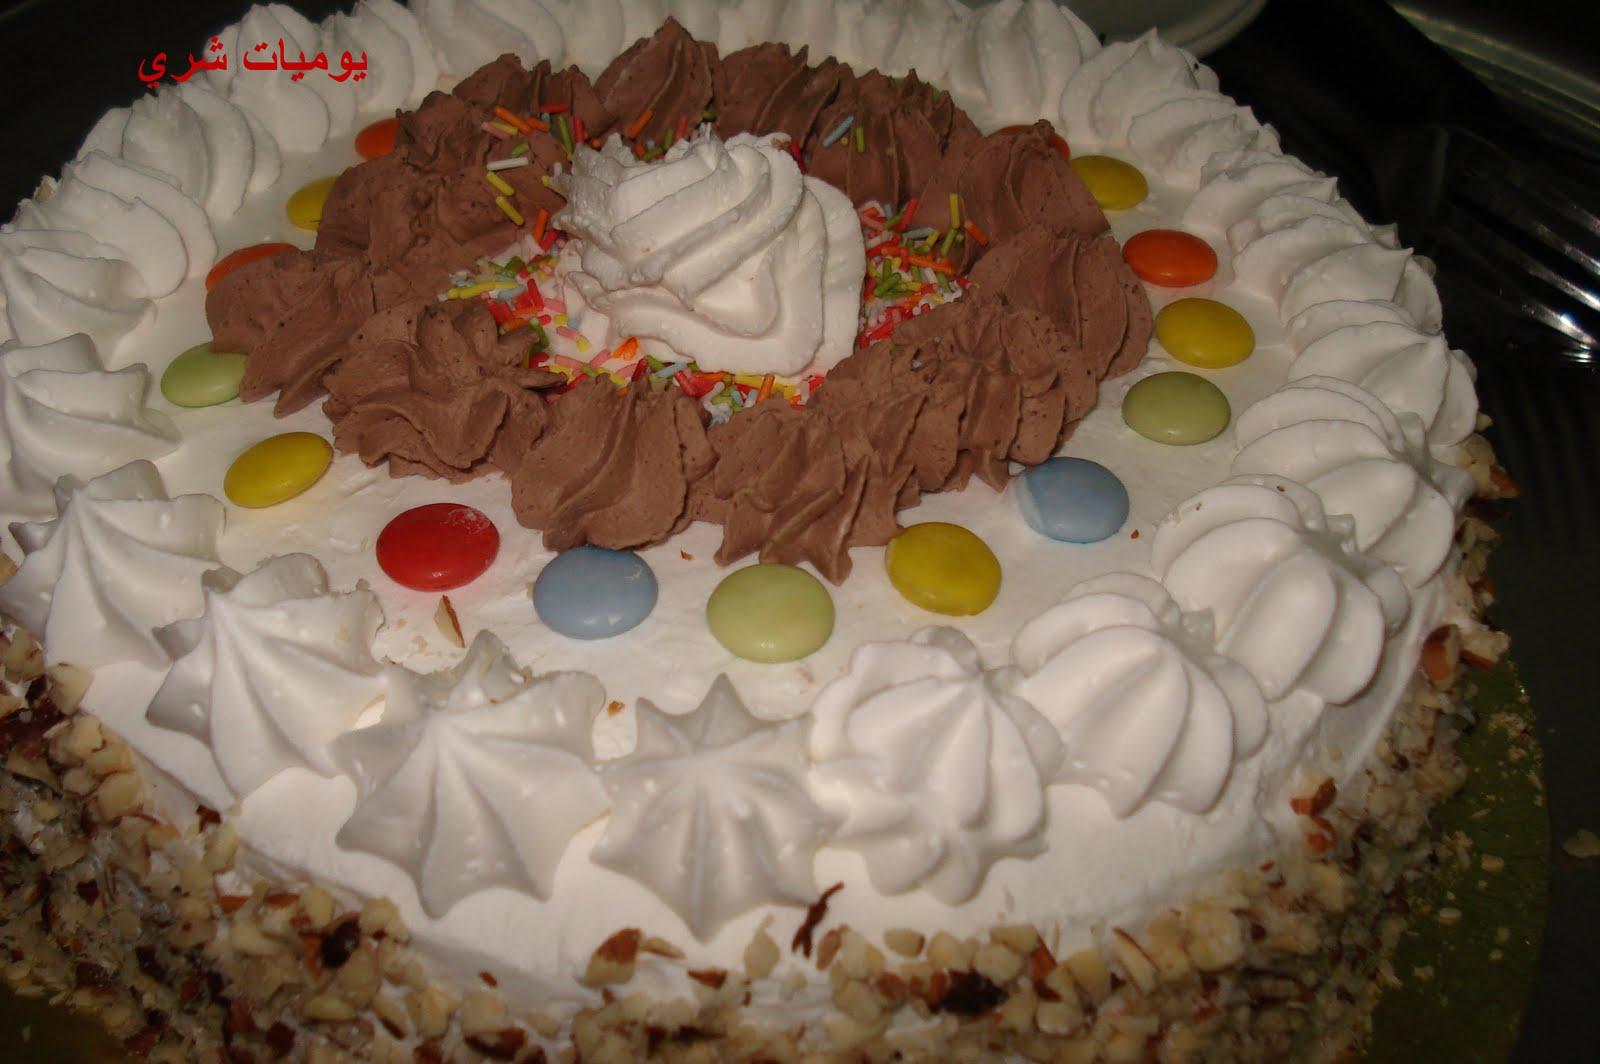 صوره حلوى عيد الميلاد , طريقة عمل كيك لاعياد ميلاد الاطفال